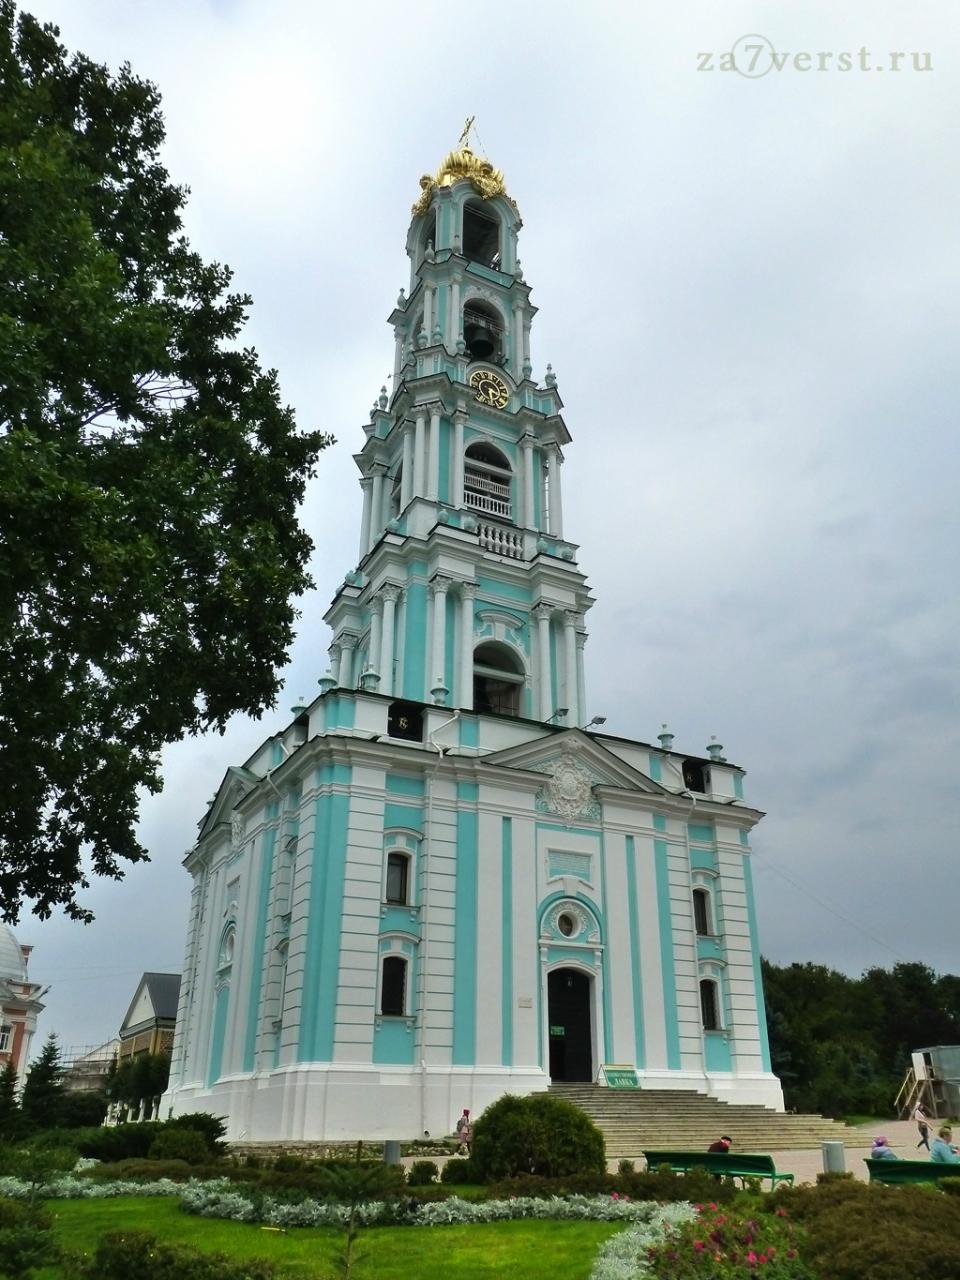 Сергиев Посад, Троице-Сергиева Лавра